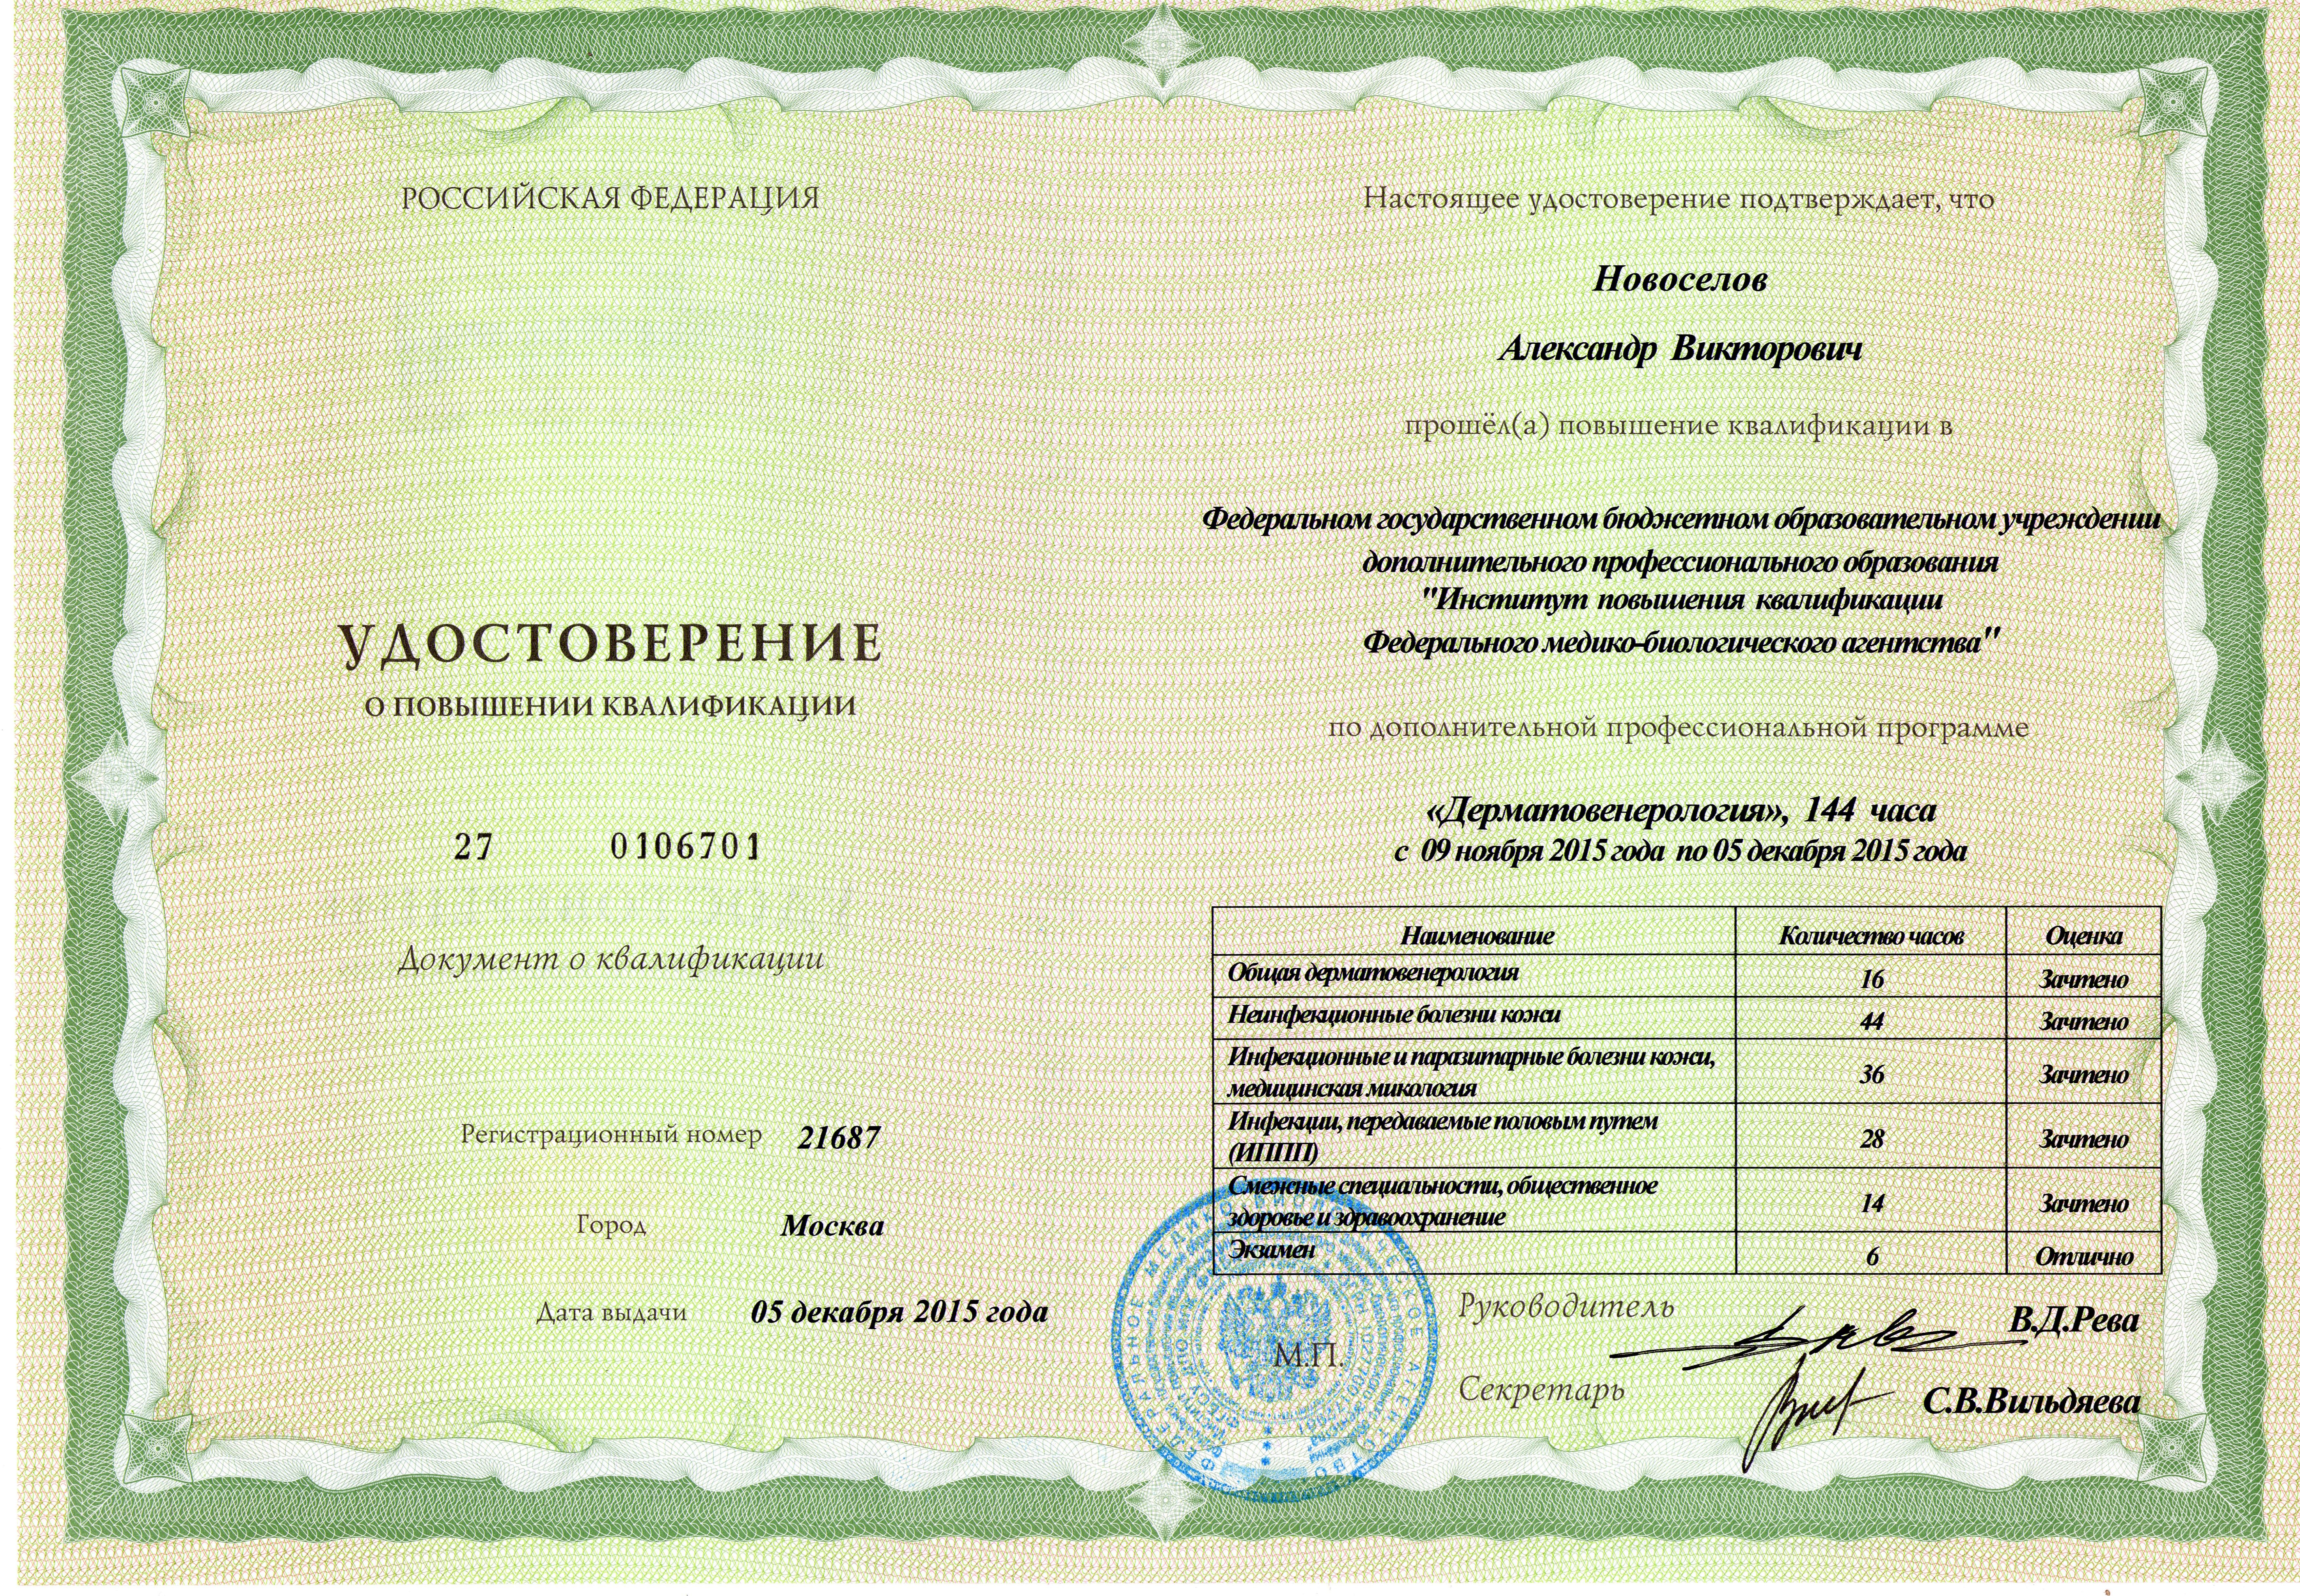 Удостоверение дерматовенеролога 2